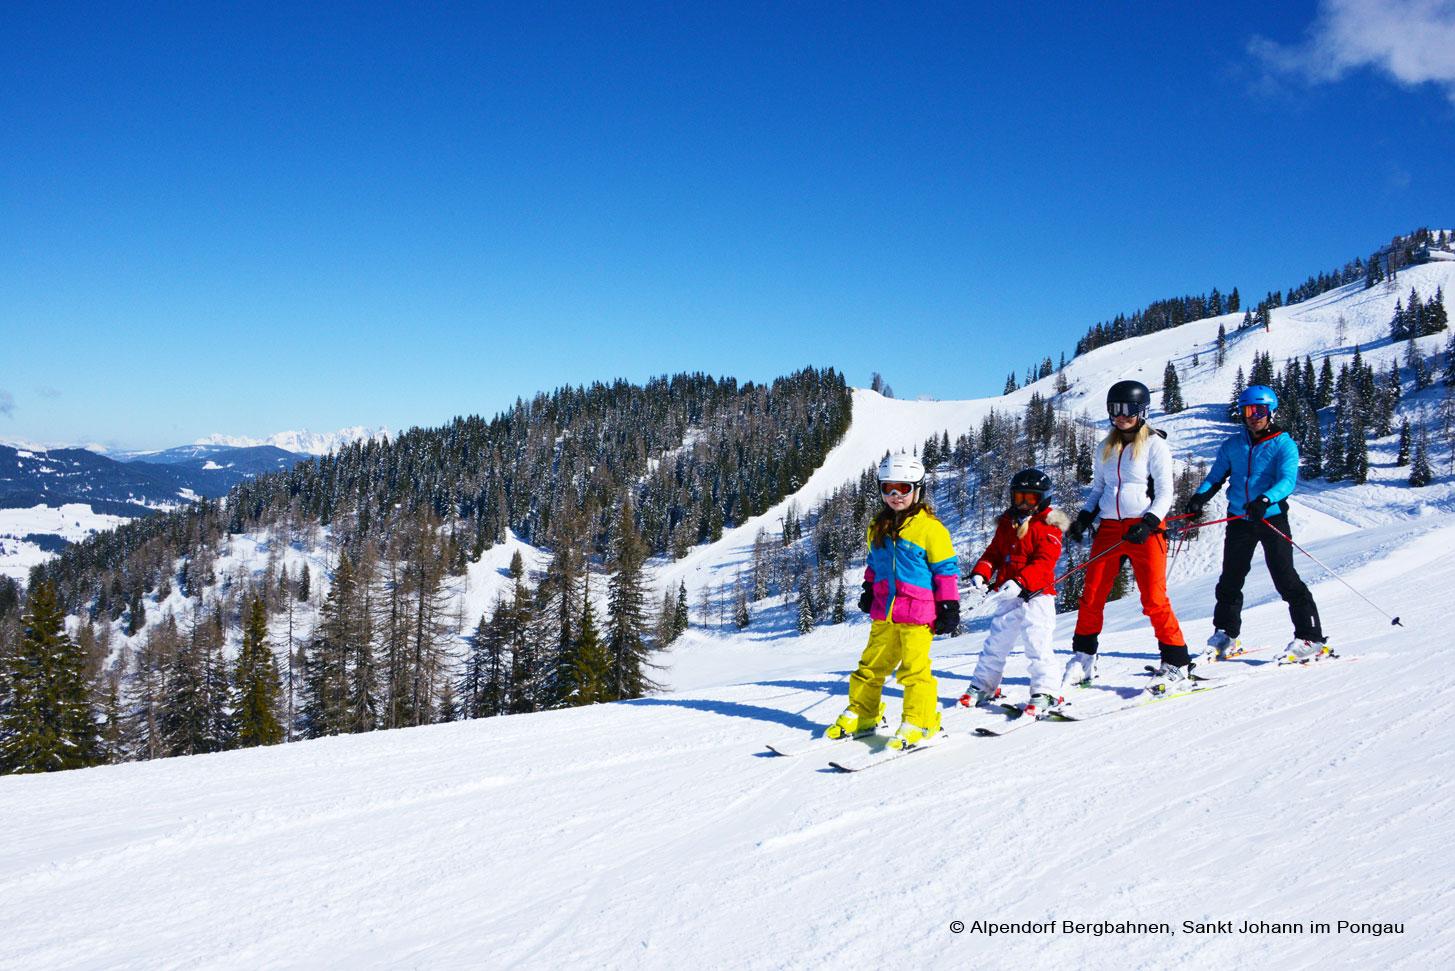 Schifahren Apreski Alpendorf